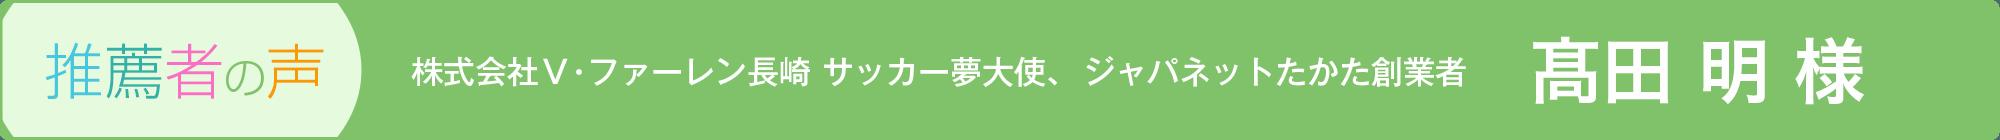 推薦者の声 株式会社V・ファーレン長崎 代表取締役社長、ジャパネットたかた創業者 高田 明 様